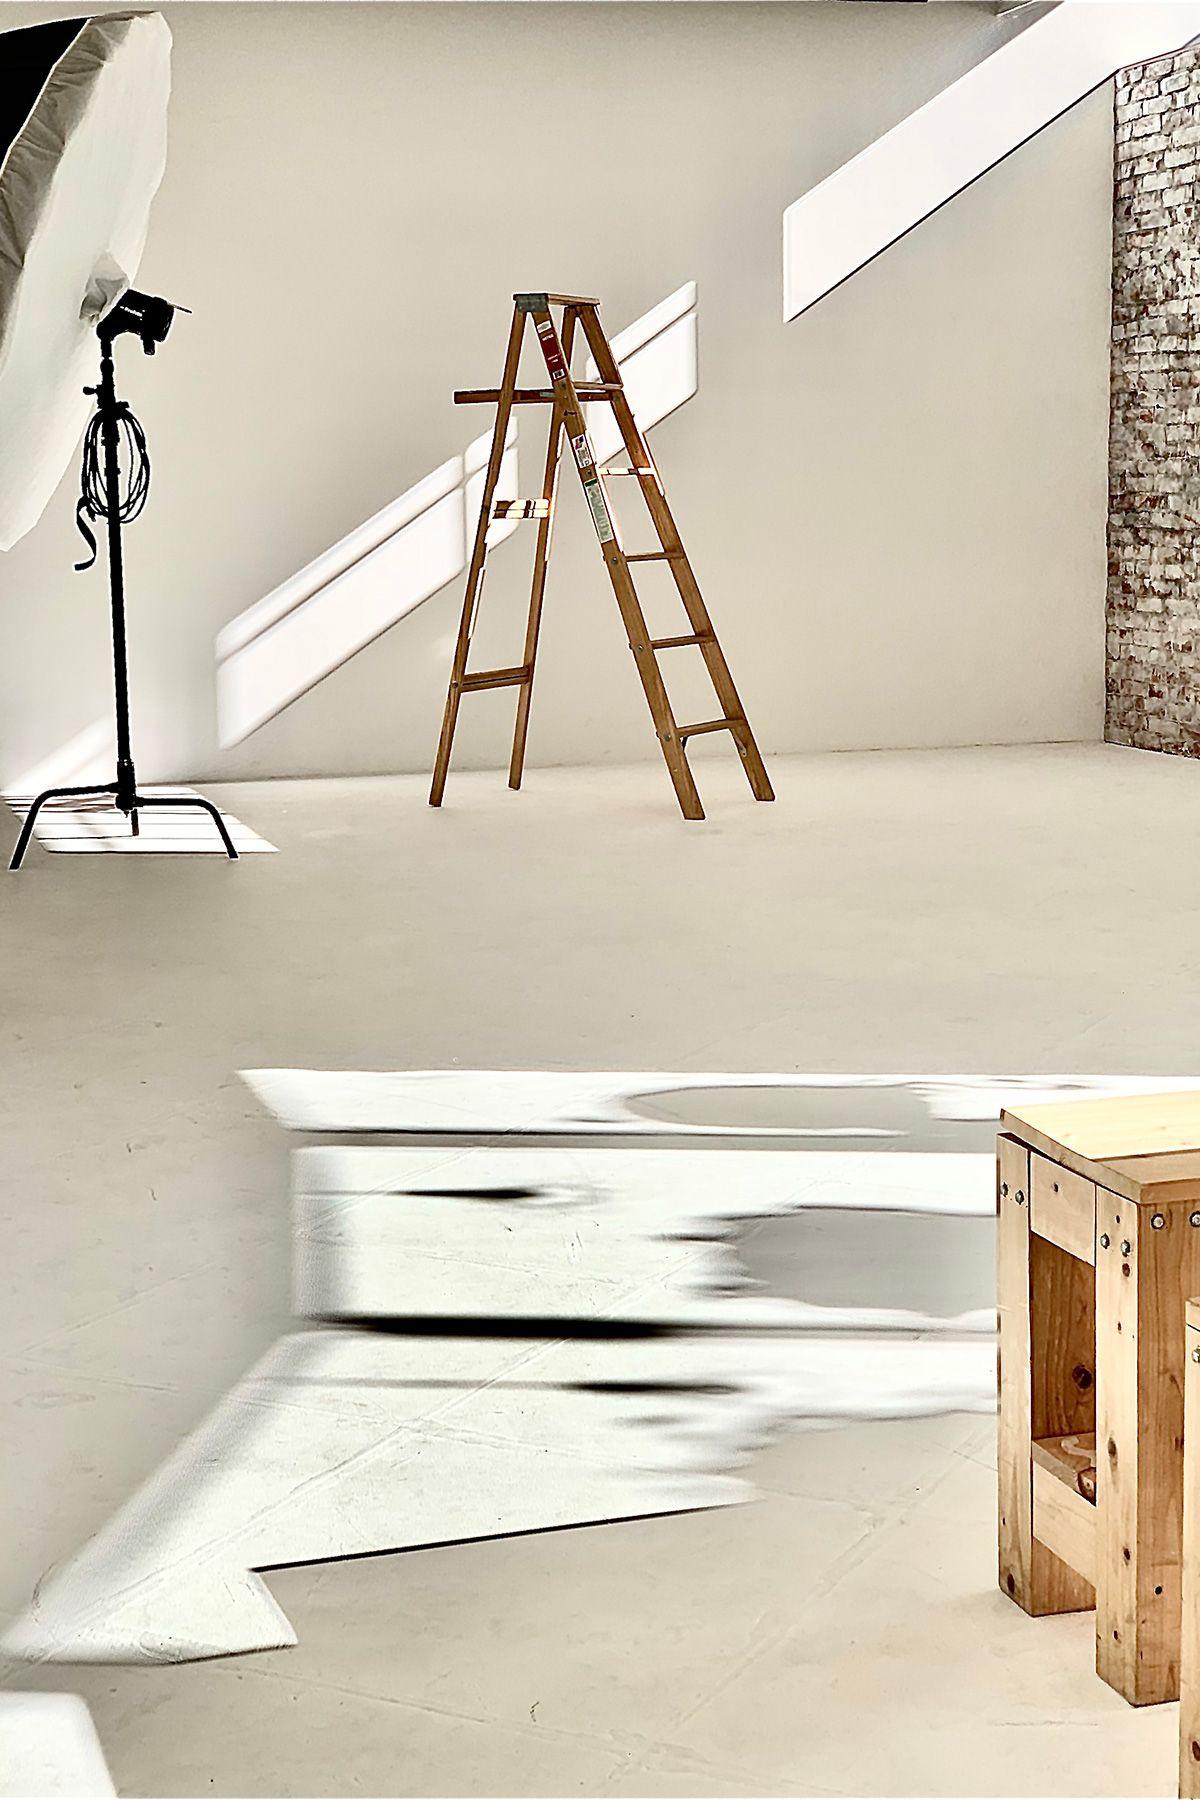 WHITE BALANCE (ホワイトバランス)サイドの上部窓から直射